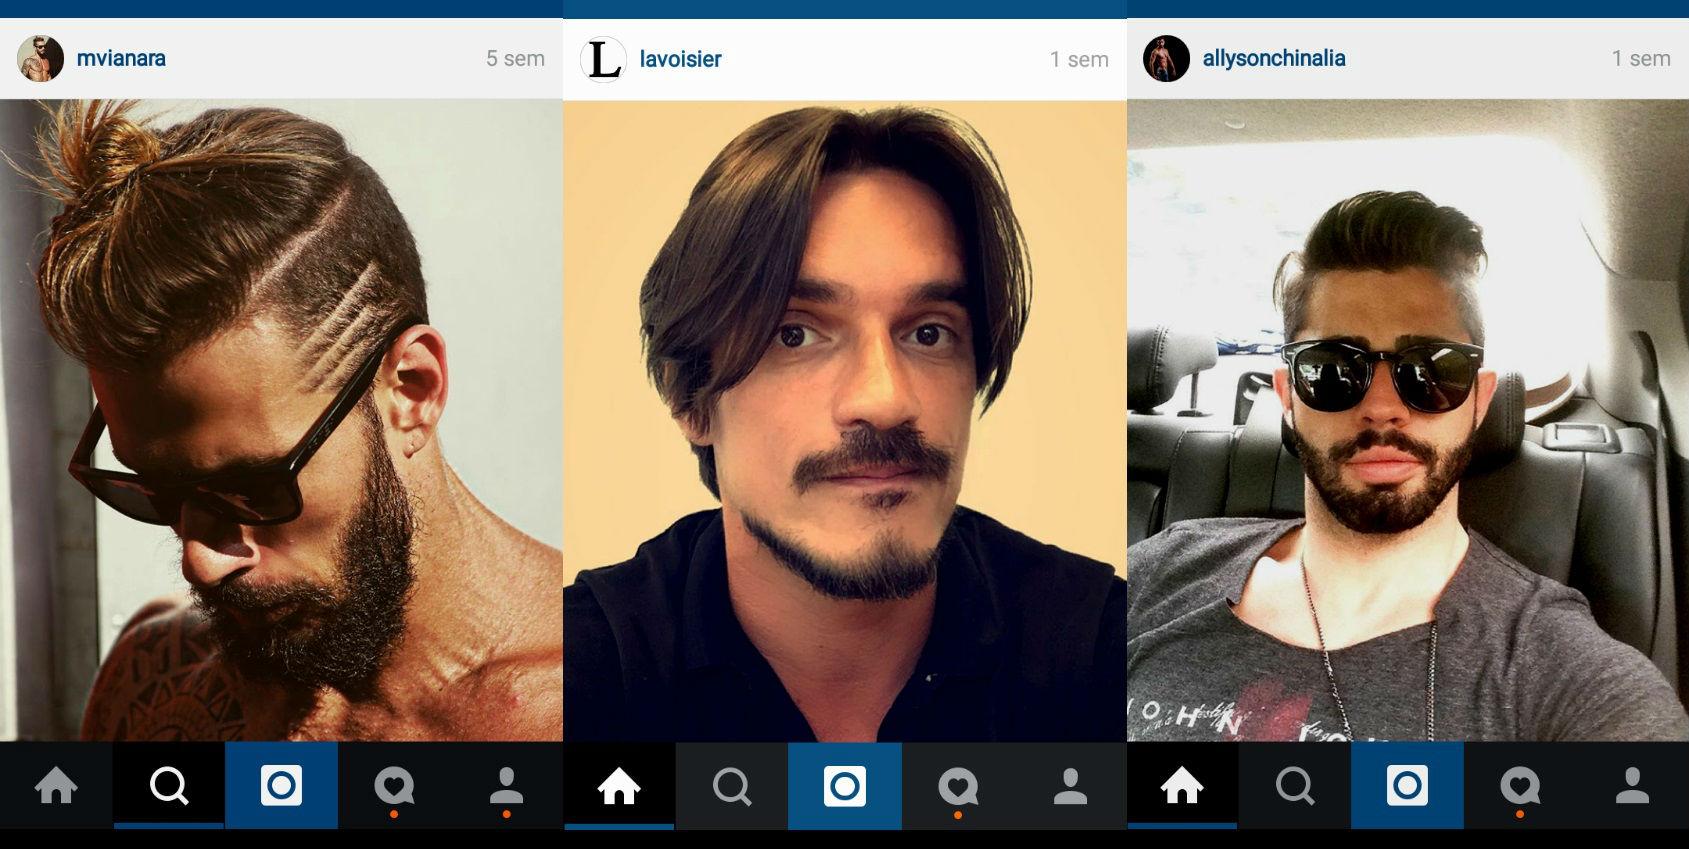 Homem No Espelho - cabelos do Instagram 3.